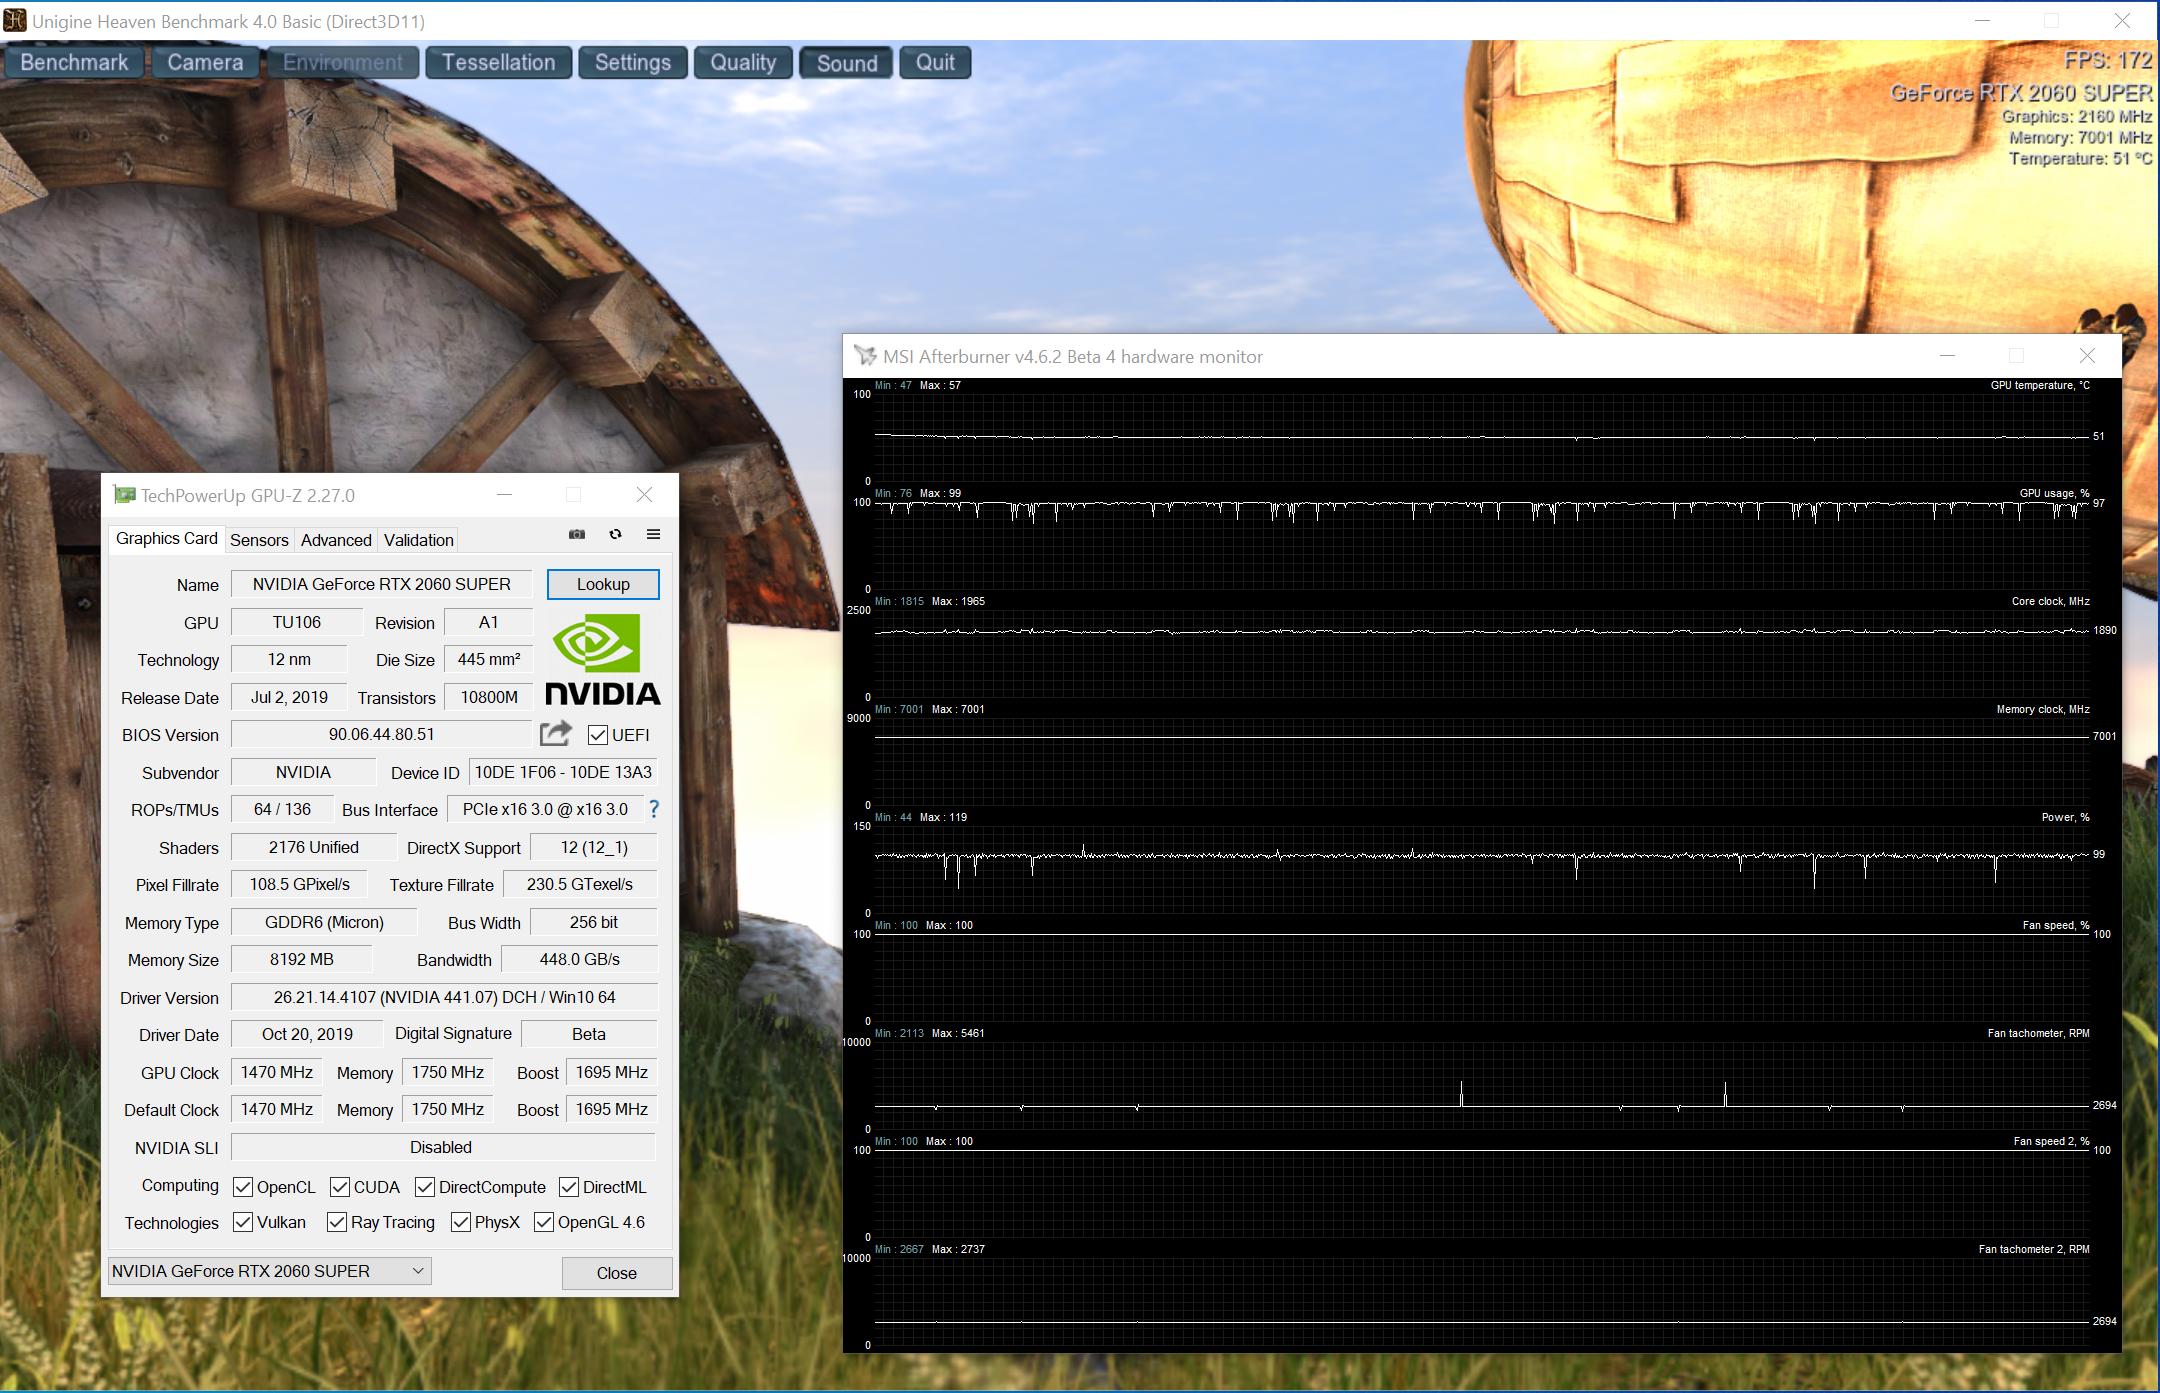 KFA GeForce RTX 2060 Super EX 1-Click OC